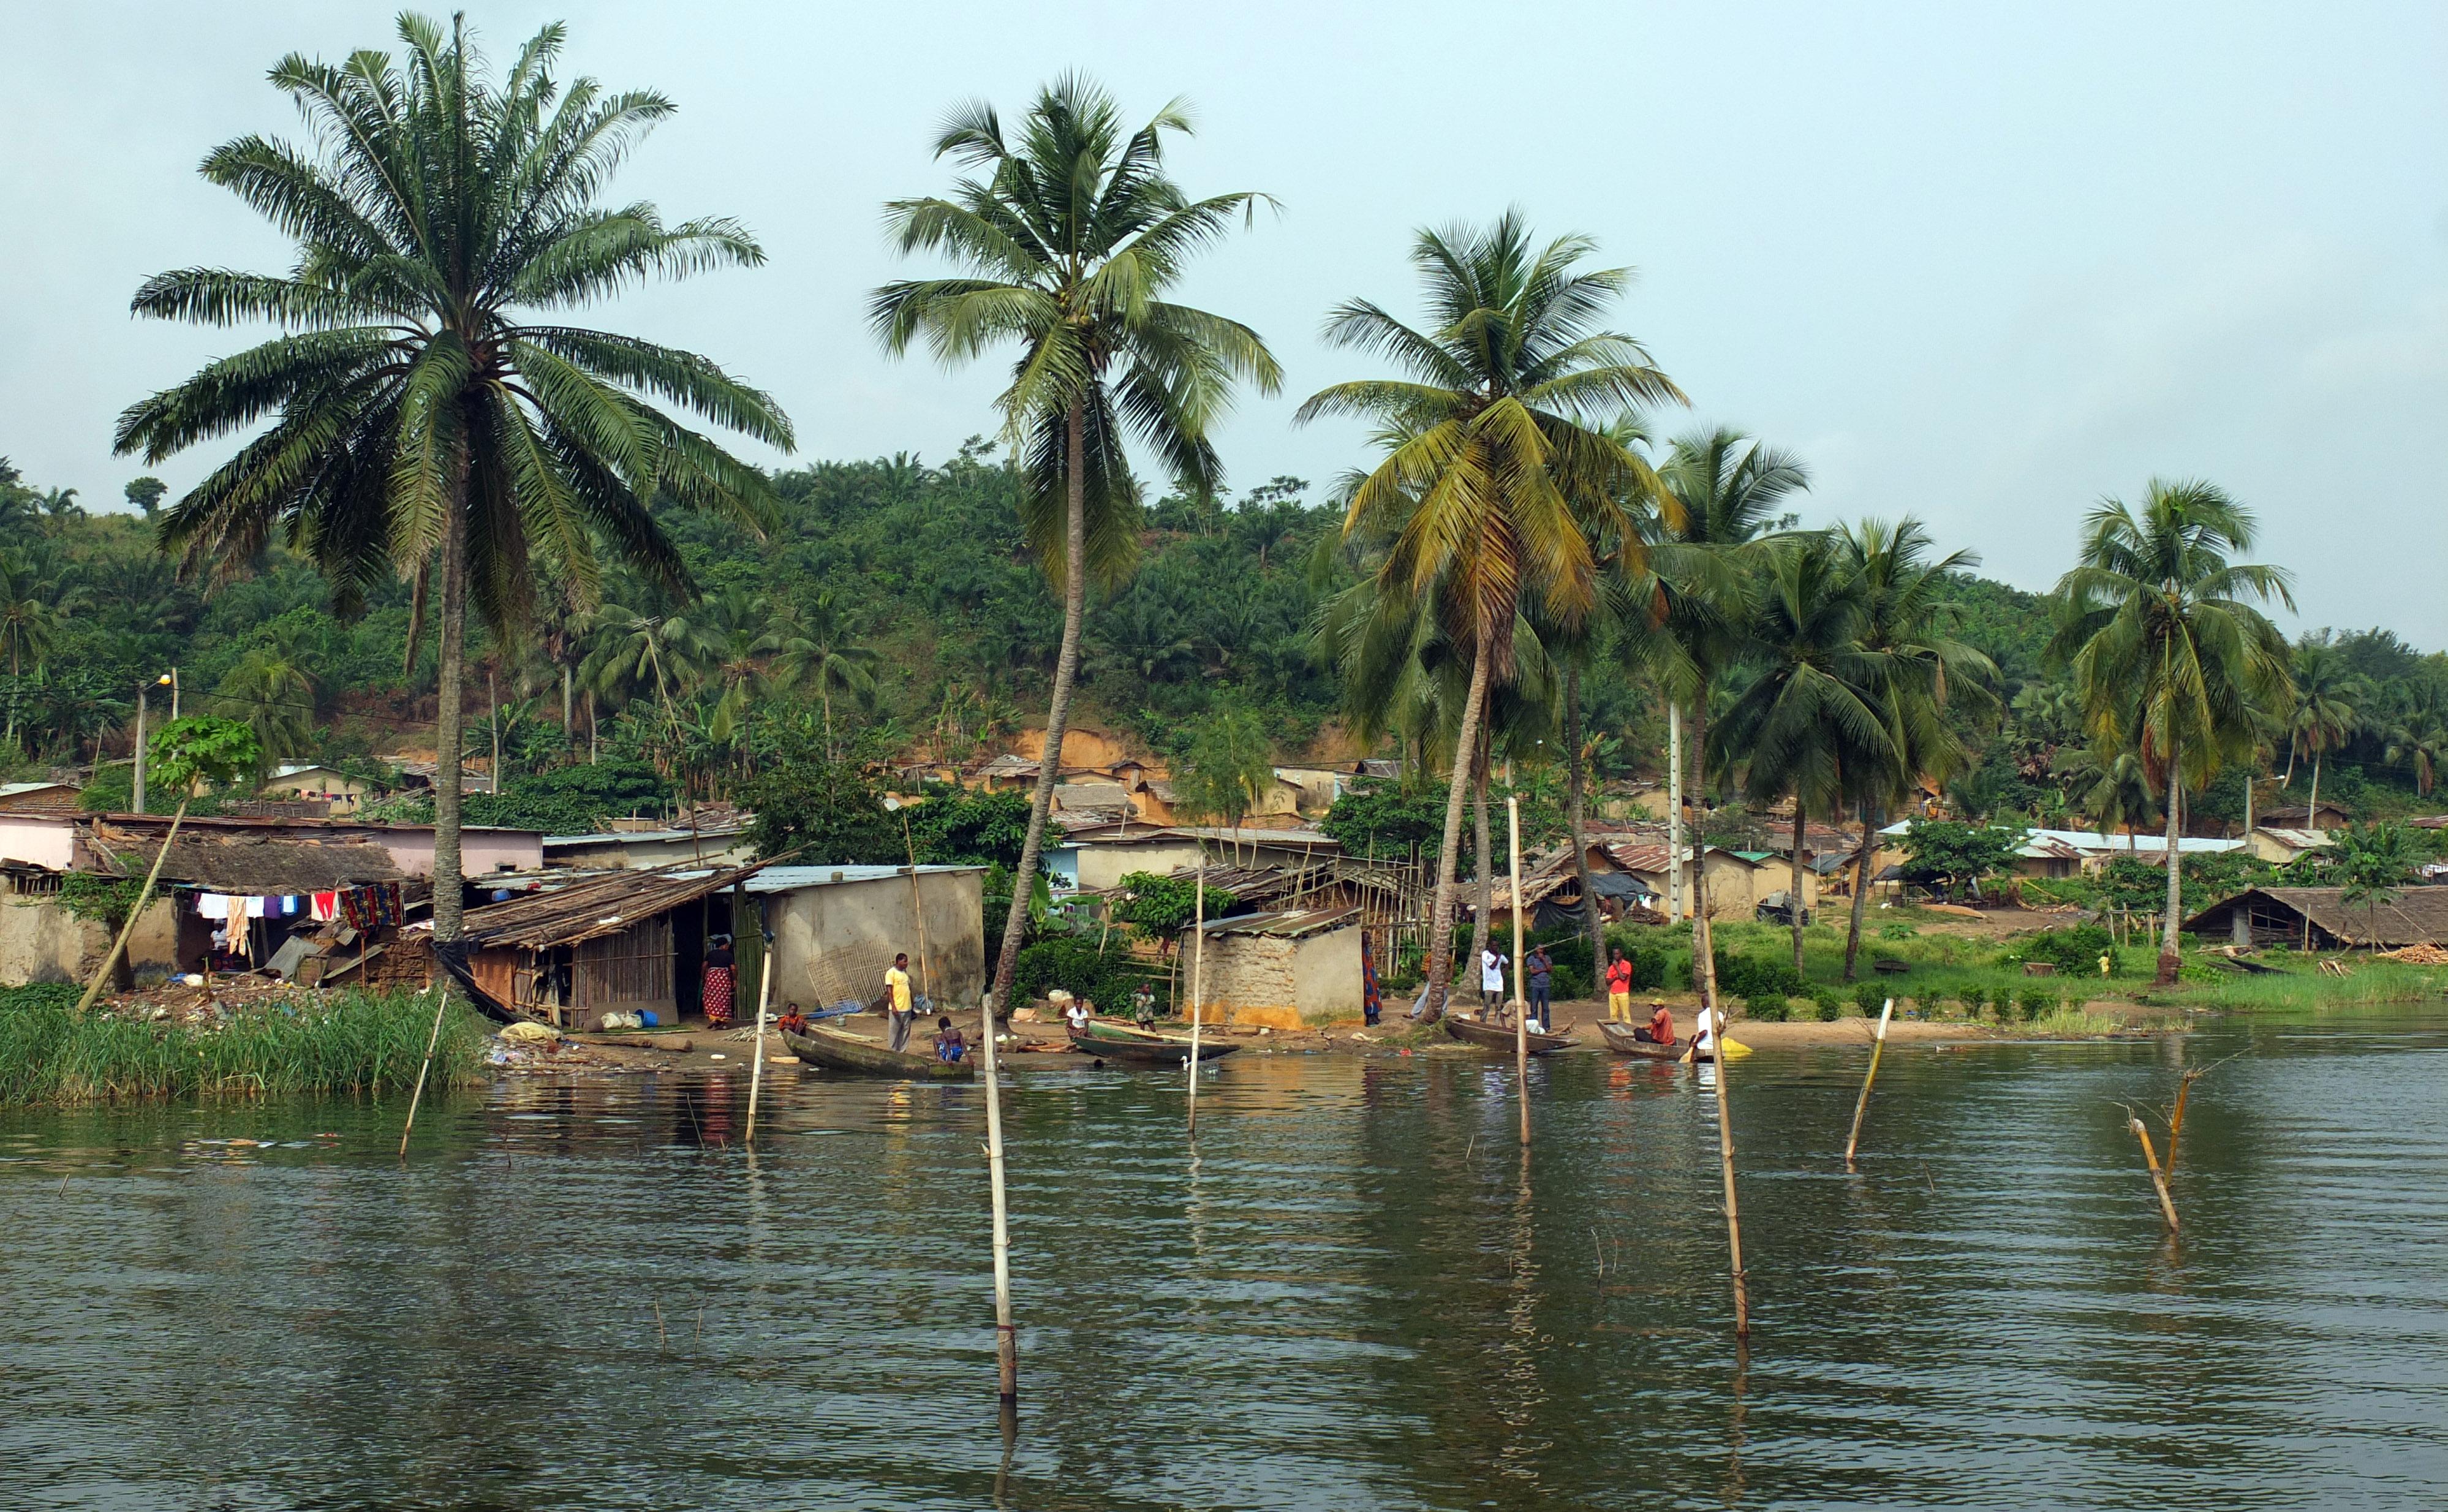 Village de Débarcadère sur les rives de la lagune Aghien (Côte d'Ivoire).